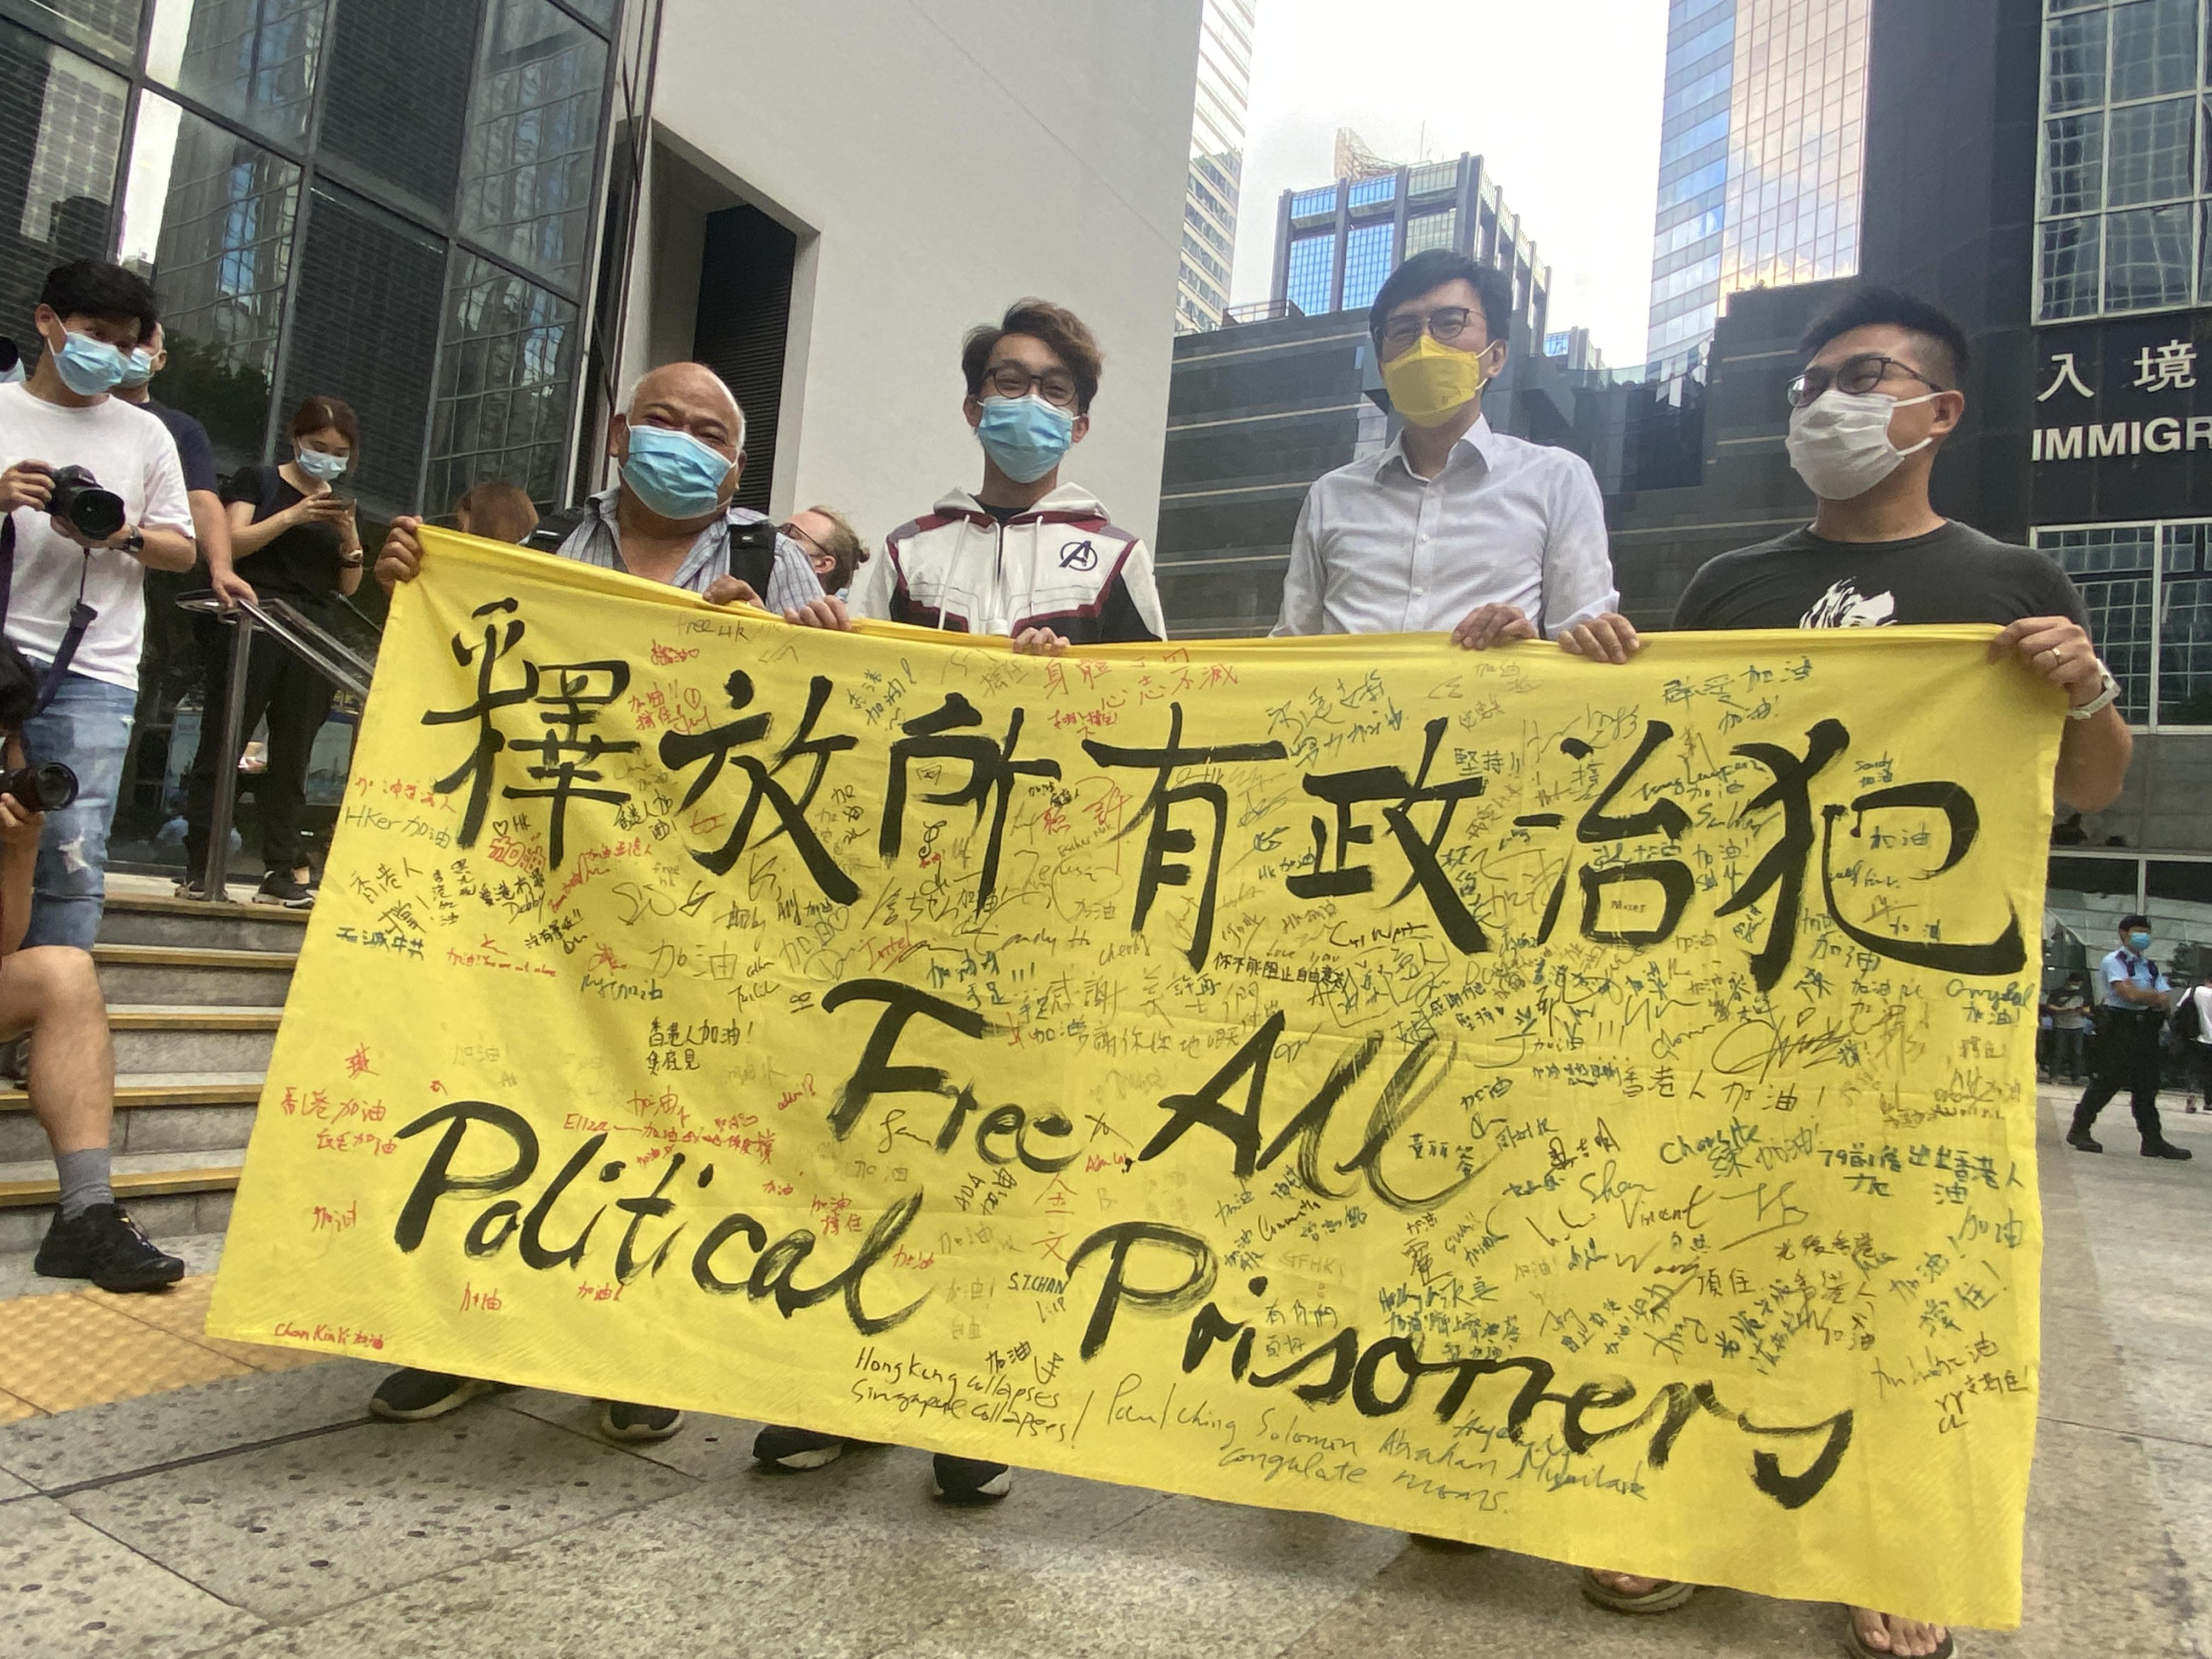 社民運吳文遠(右二)和民陣召集人陳皓桓(左二)等,在區域法院大樓外手持寫有「釋放所有政治犯」的橫額抗議。(李智智 攝)